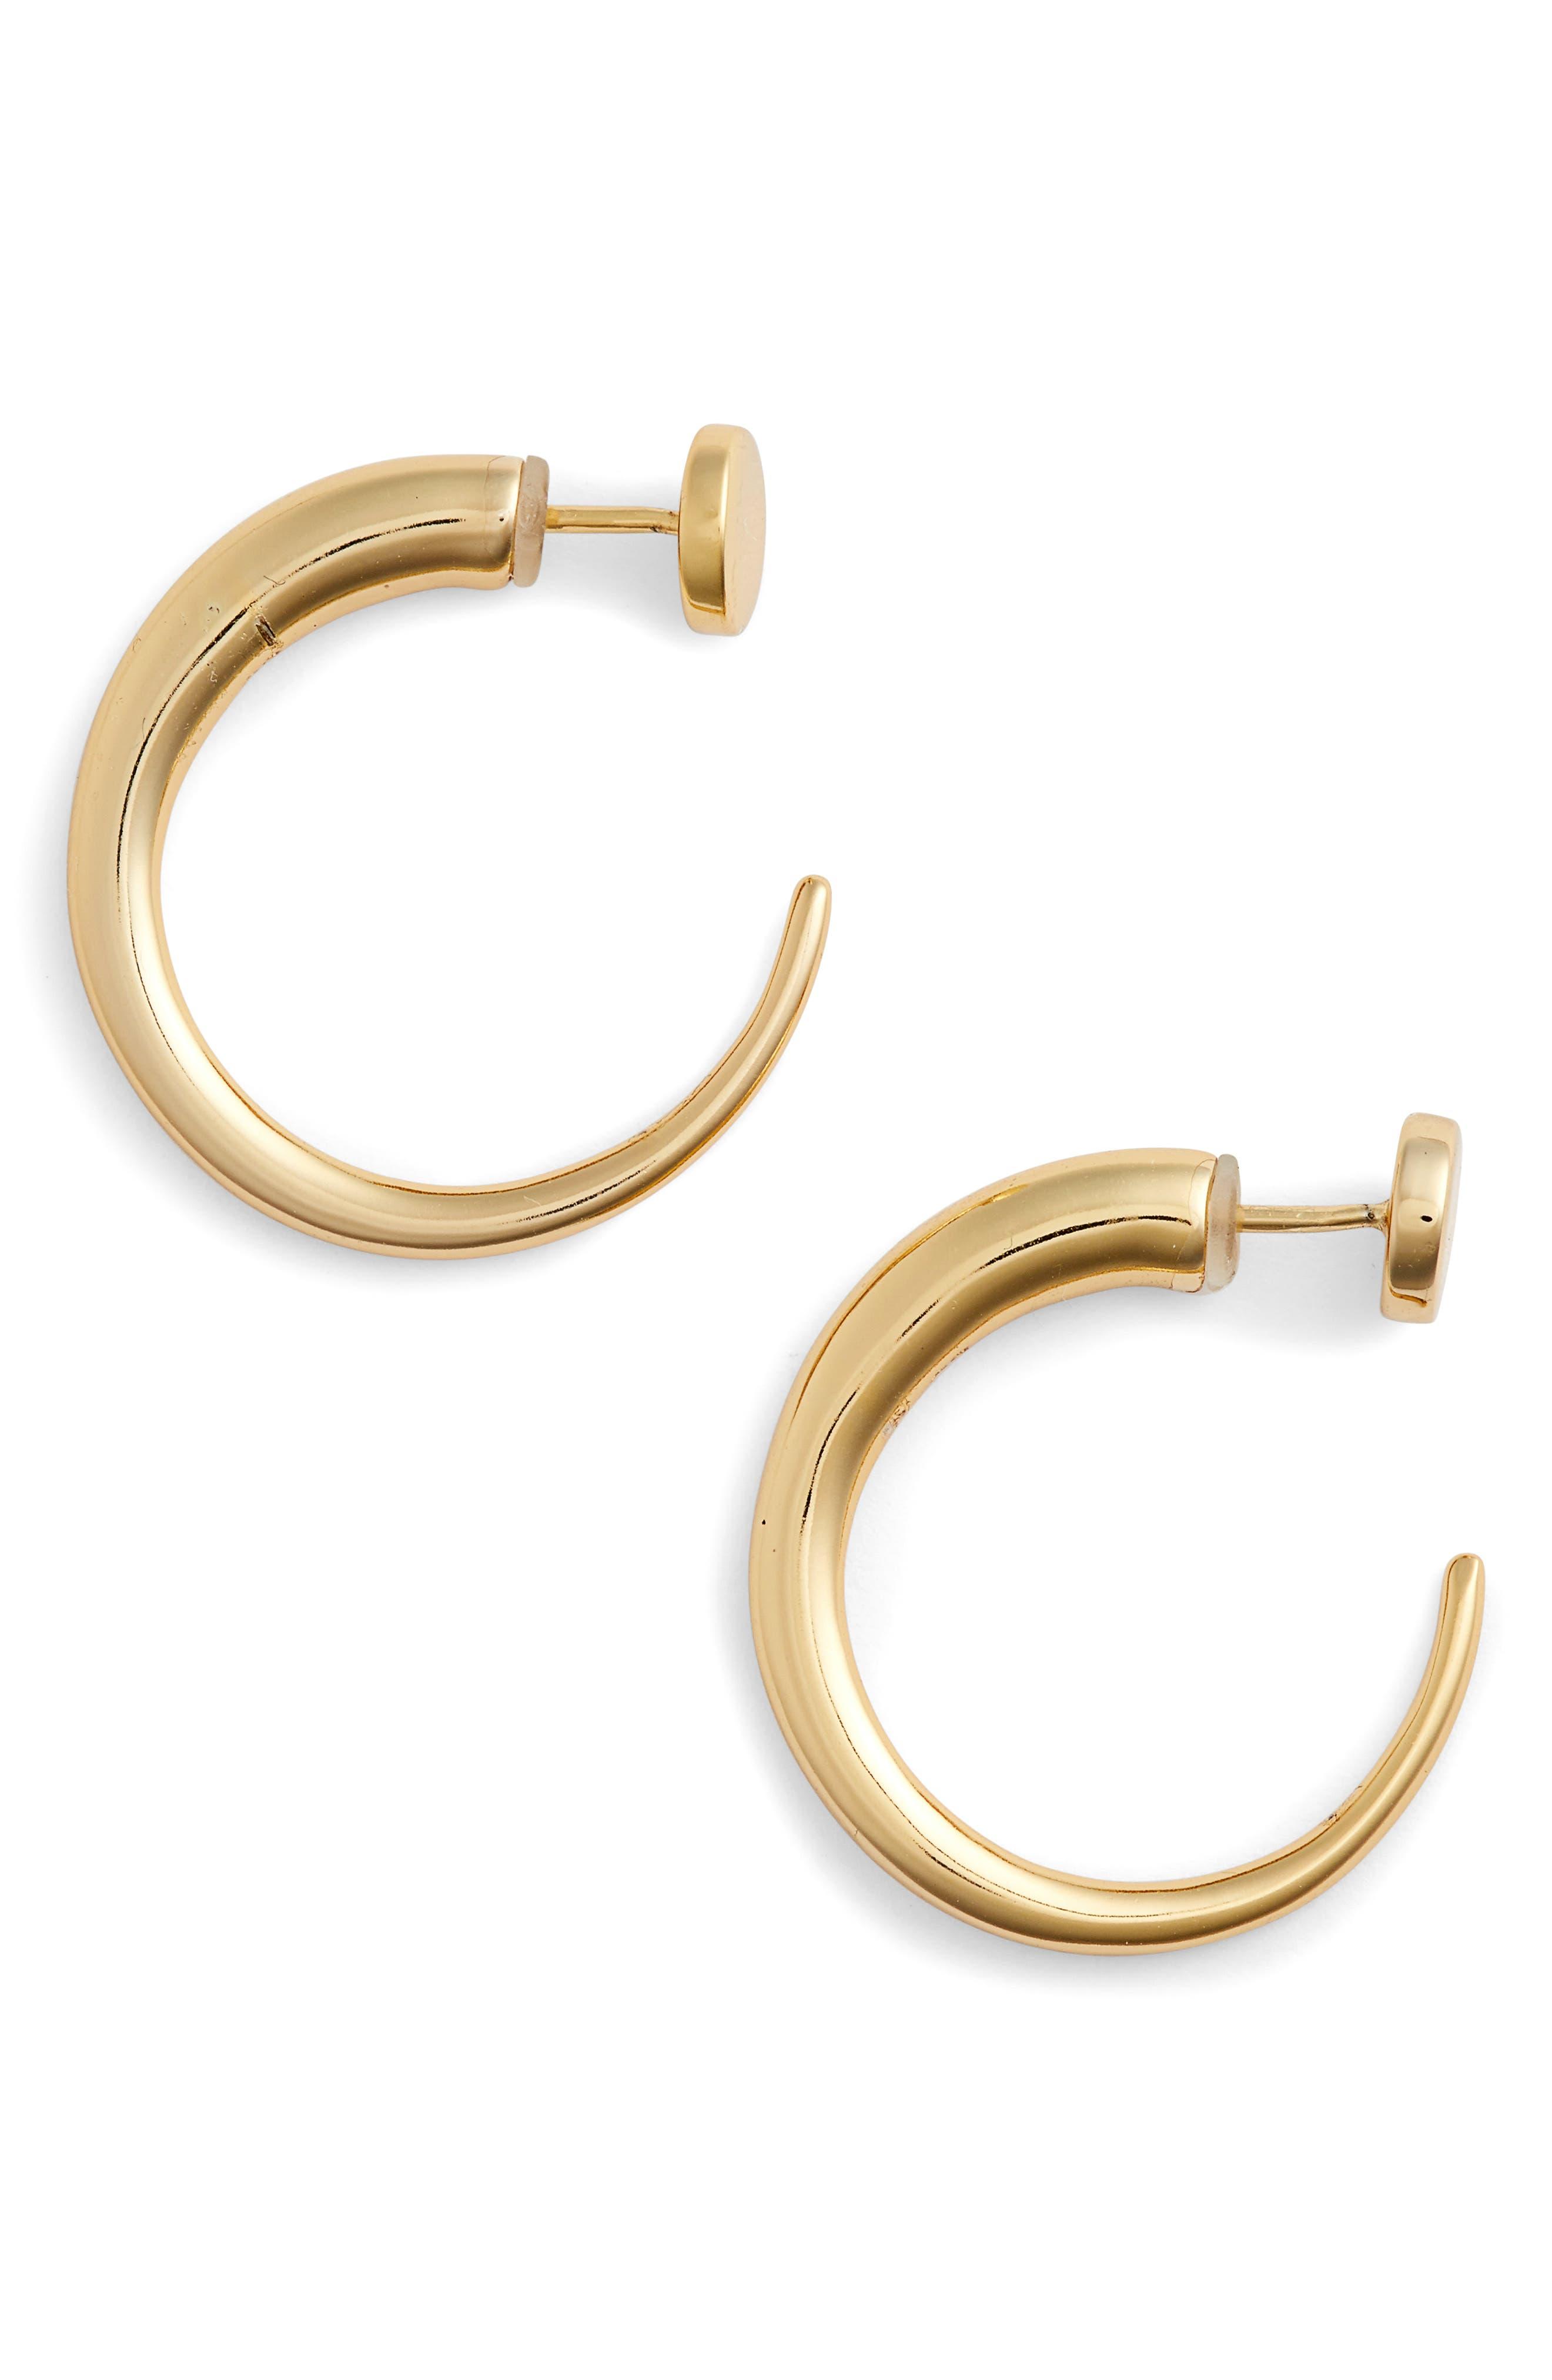 Yari Hoop Earrings,                             Main thumbnail 1, color,                             710